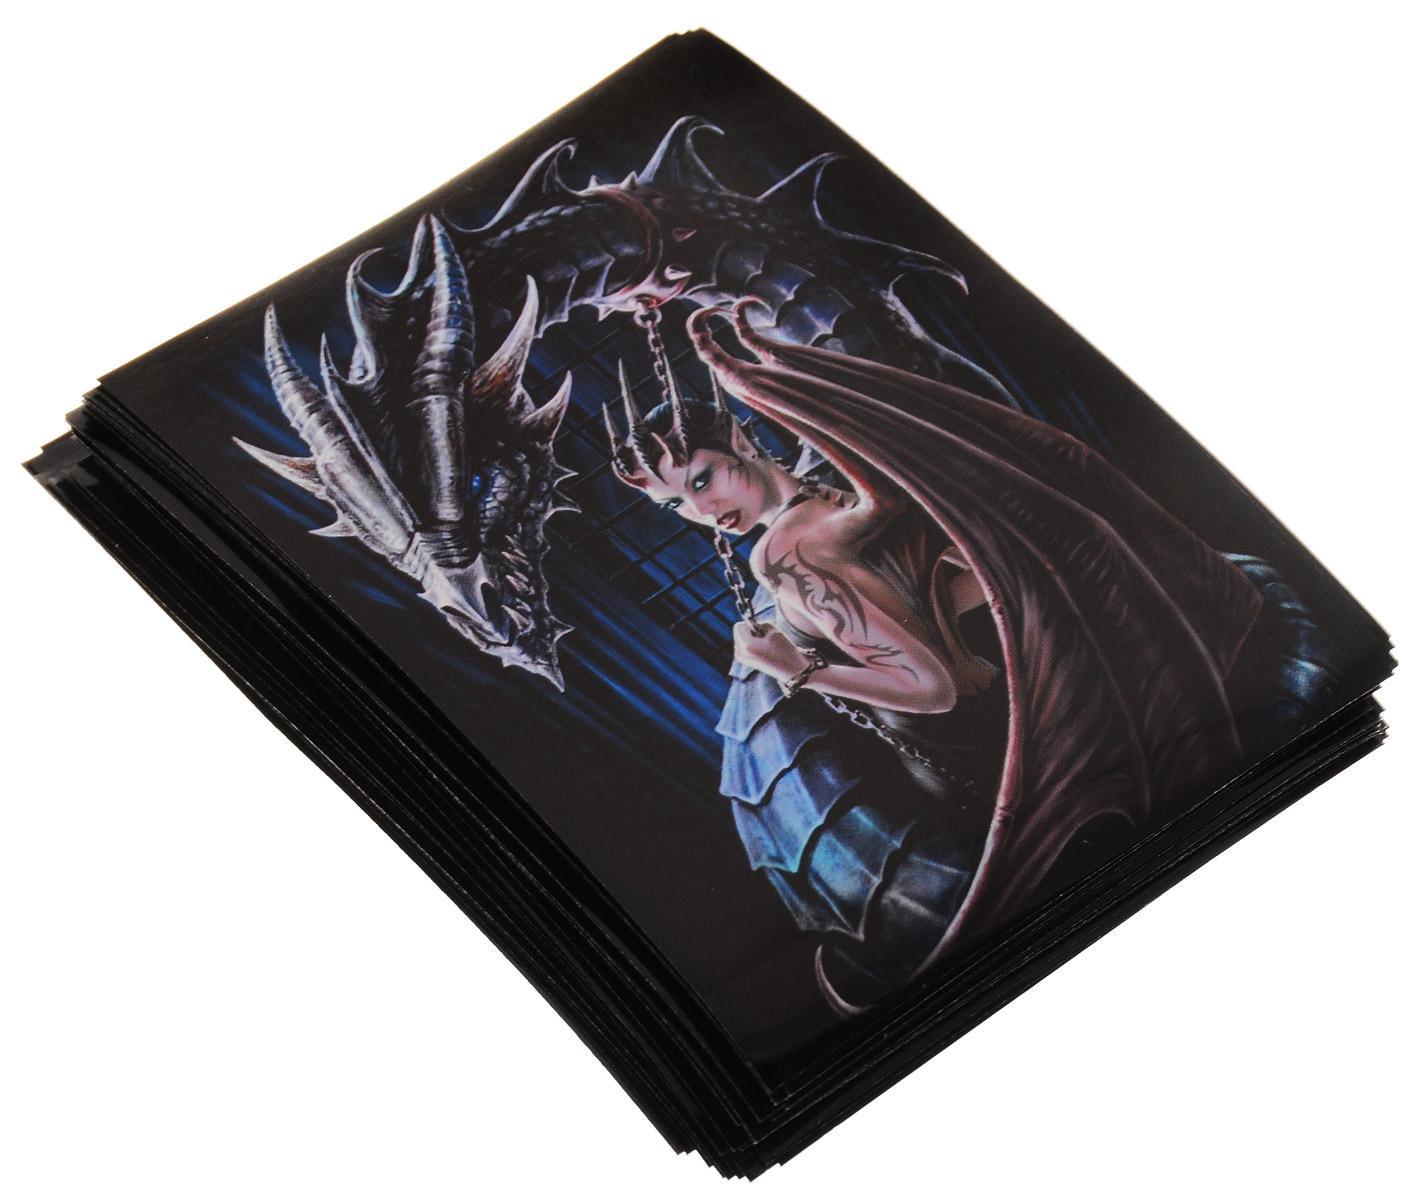 Max Protection Протекторы для игральных карт Девушка-дракон 50 штZS707644Протекторы Max Protection Девушка-дракон подходят для большинства карточных настольных игр: Покемон, Magic the Gathering (МТГ), Эволюции, Зельеварения, Плоского мира и многих других. Выполнены из высококачественных прочных и безопасных для здоровья материалов, которые не содержат кислот и ПВХ, хорошо перемешиваются, не бликуют, для долгого использования, защищает карты от cгибов и царапин. В набор входит 50 красивых протекторов.